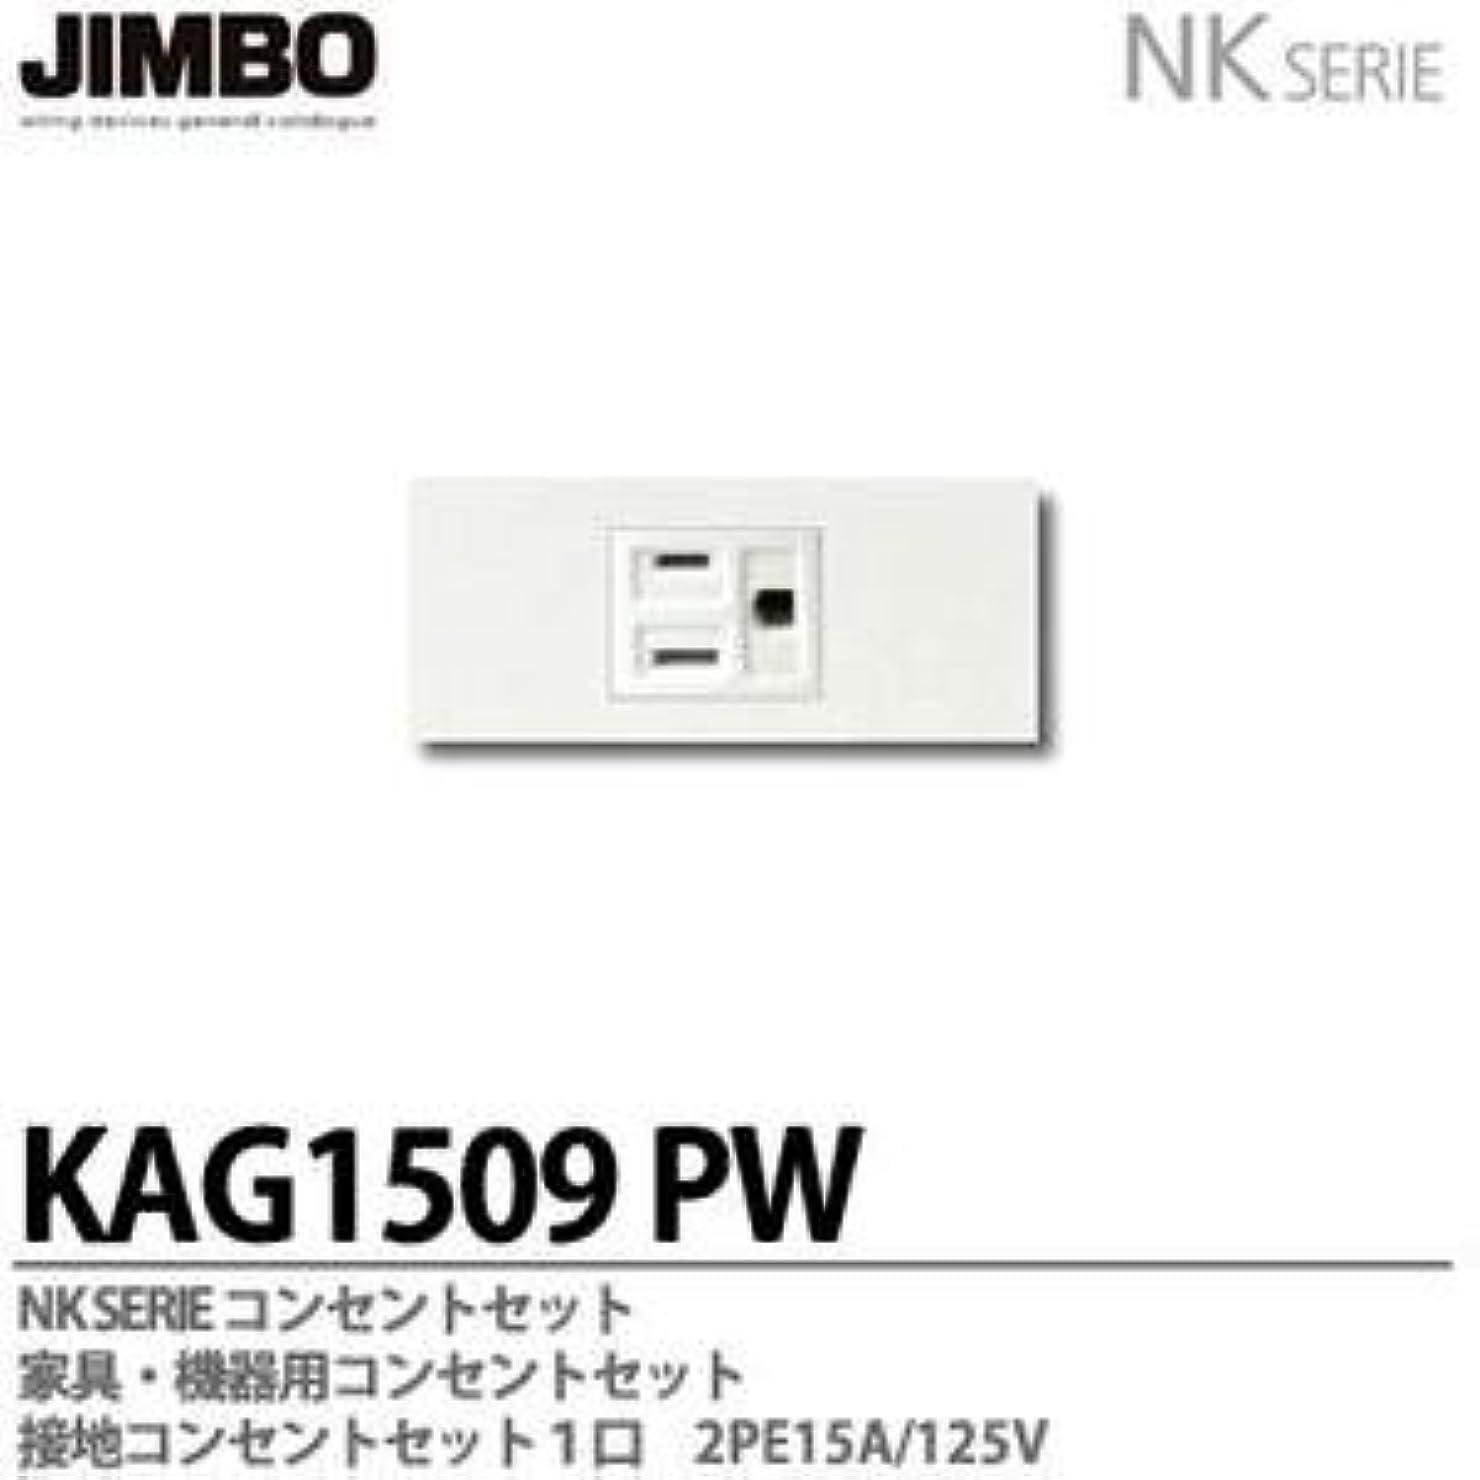 親密なピンポイント敬礼【JIMBO】NKシリーズ配線器具 NKシリーズ適合器具 接地コンセントセット KAG1509(PW)